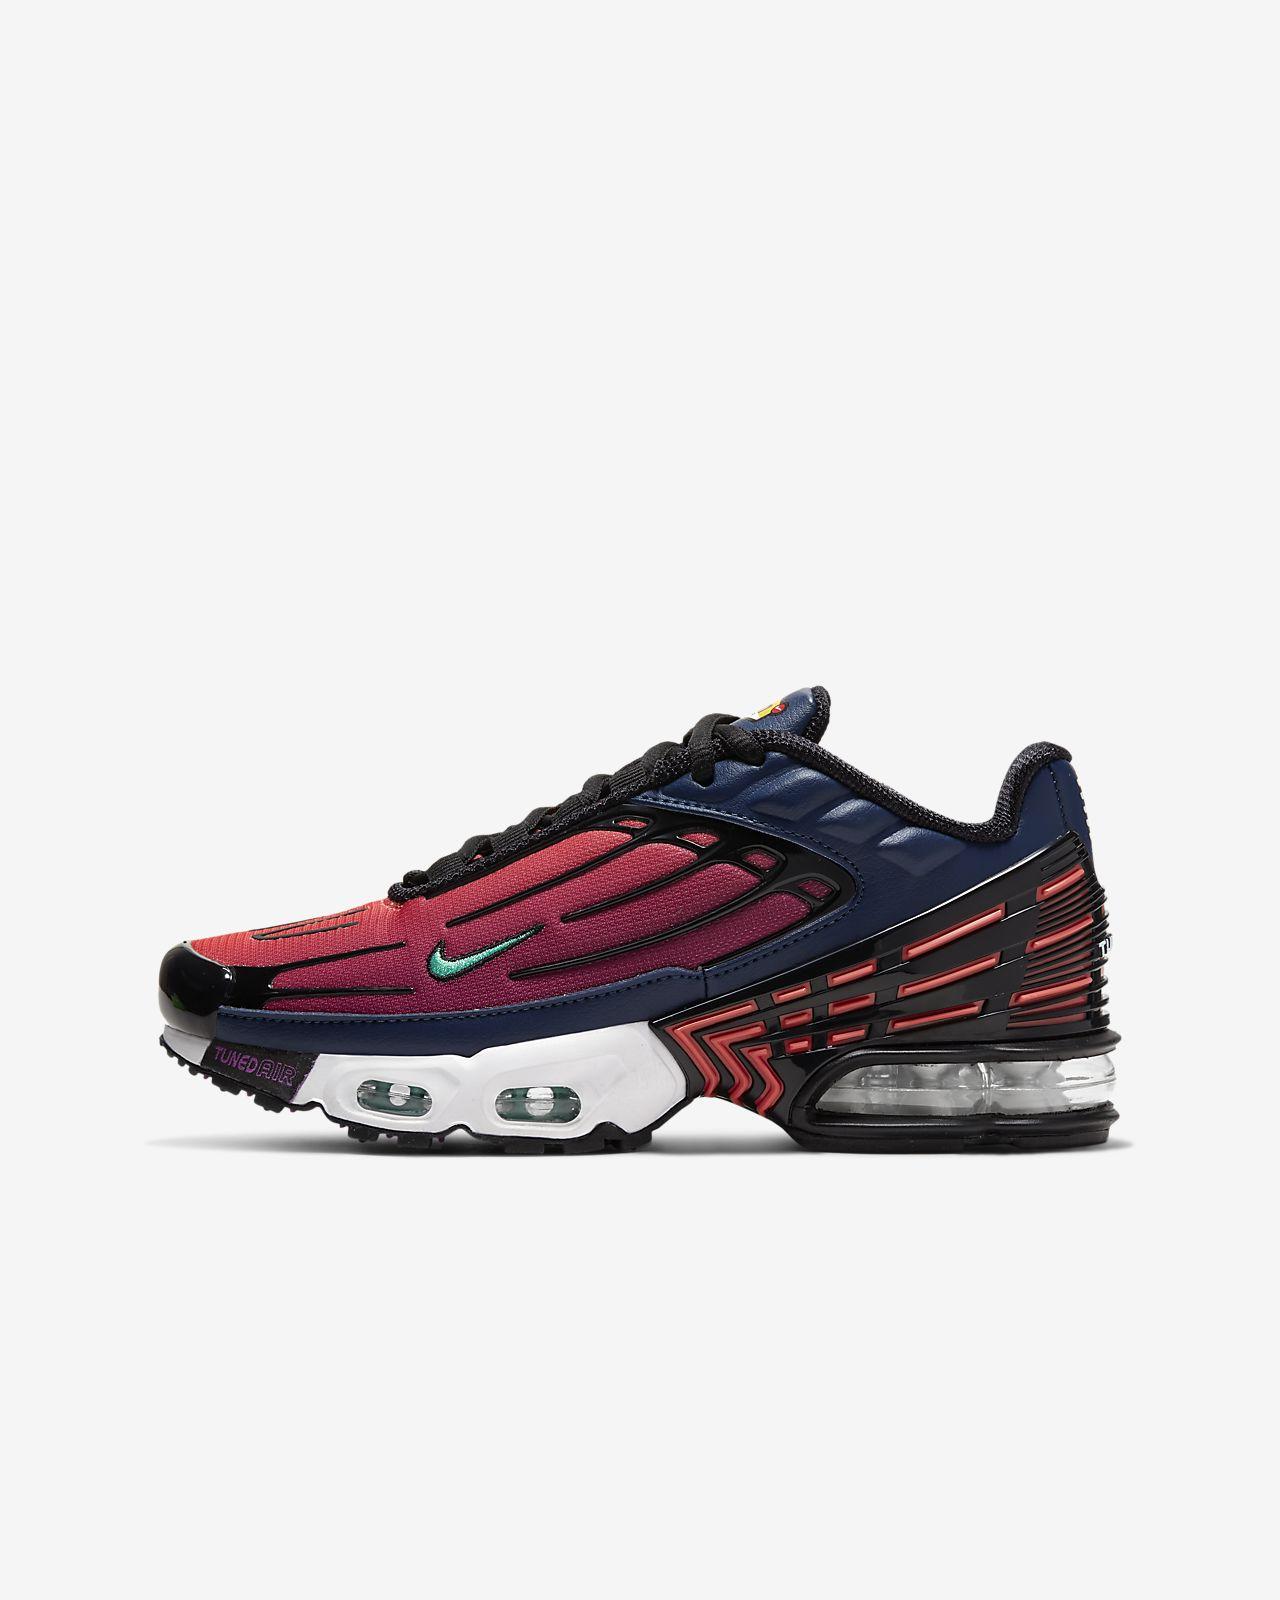 2020 Nike Off White Air Force 1, Air Jordan 1, Air Max 97